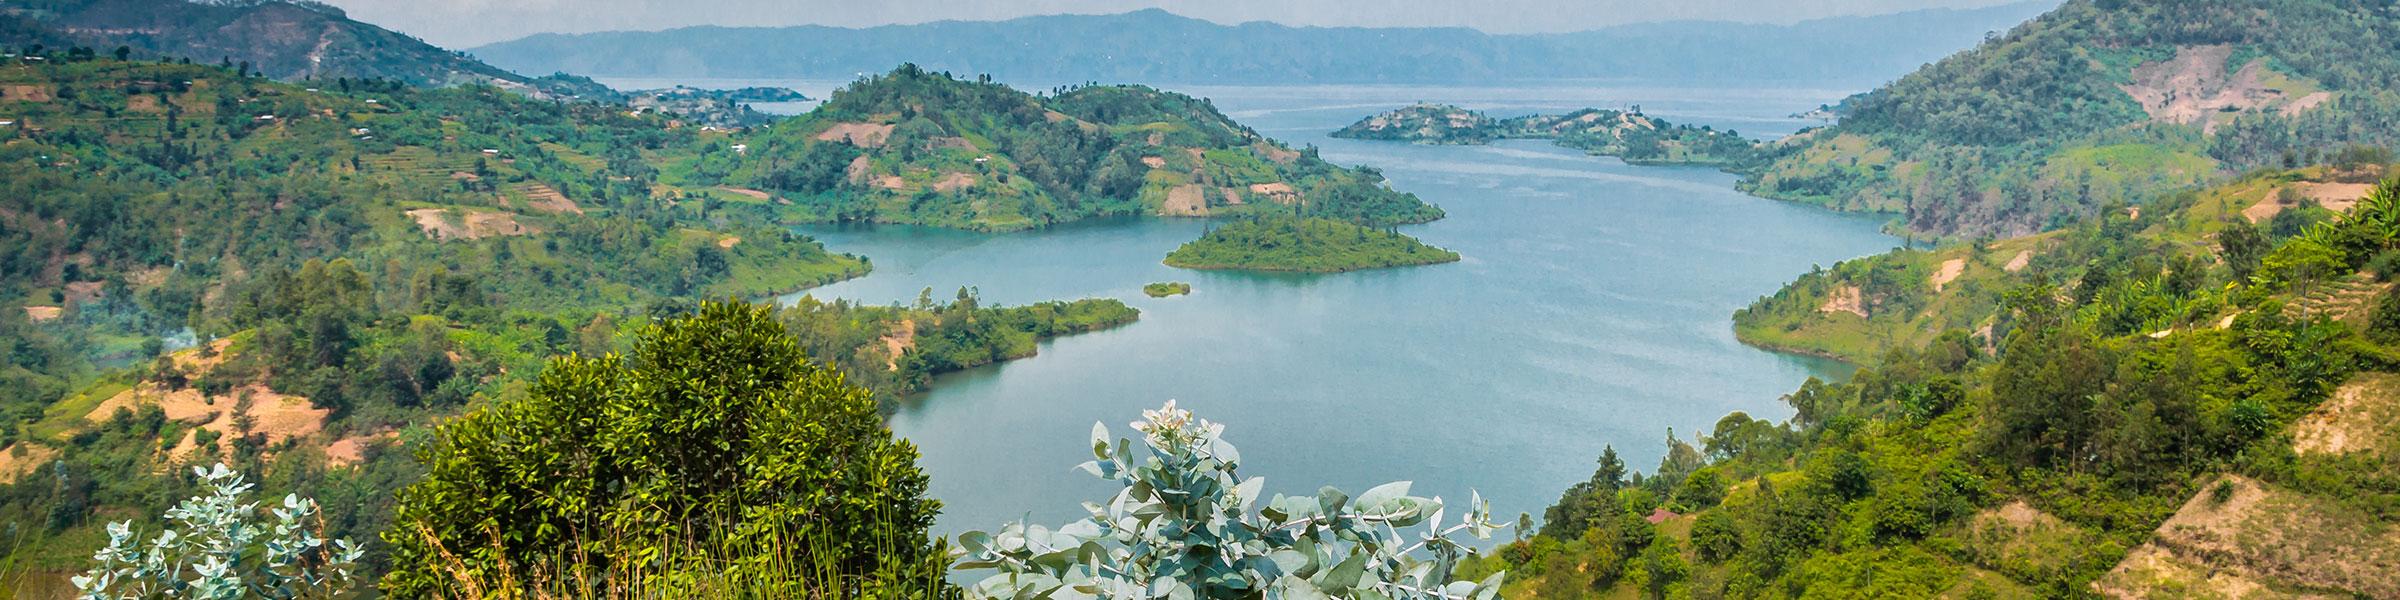 Panoramic view of Lake Kivu, Rwanda